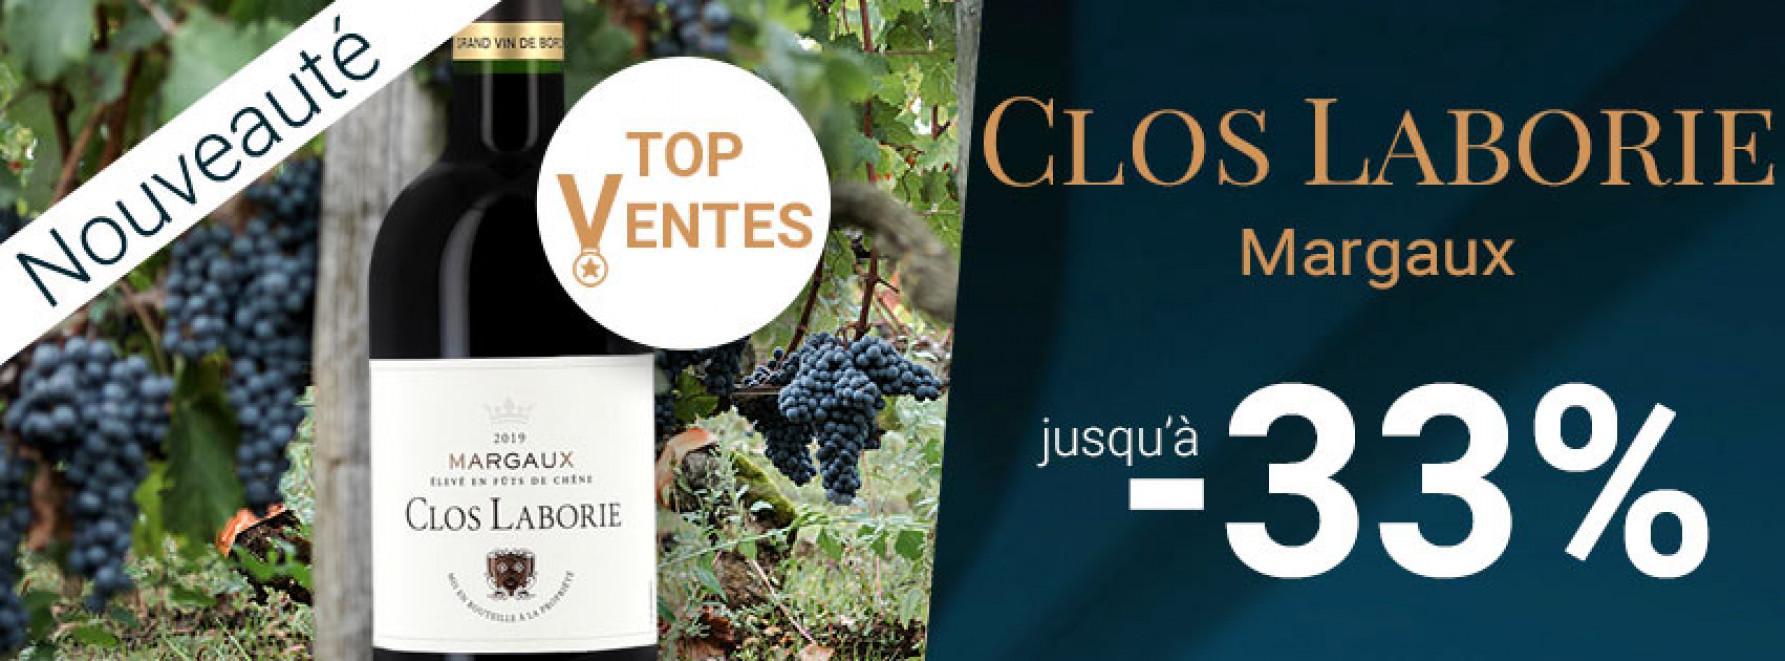 Clos Laborie, Top des ventes à Margaux